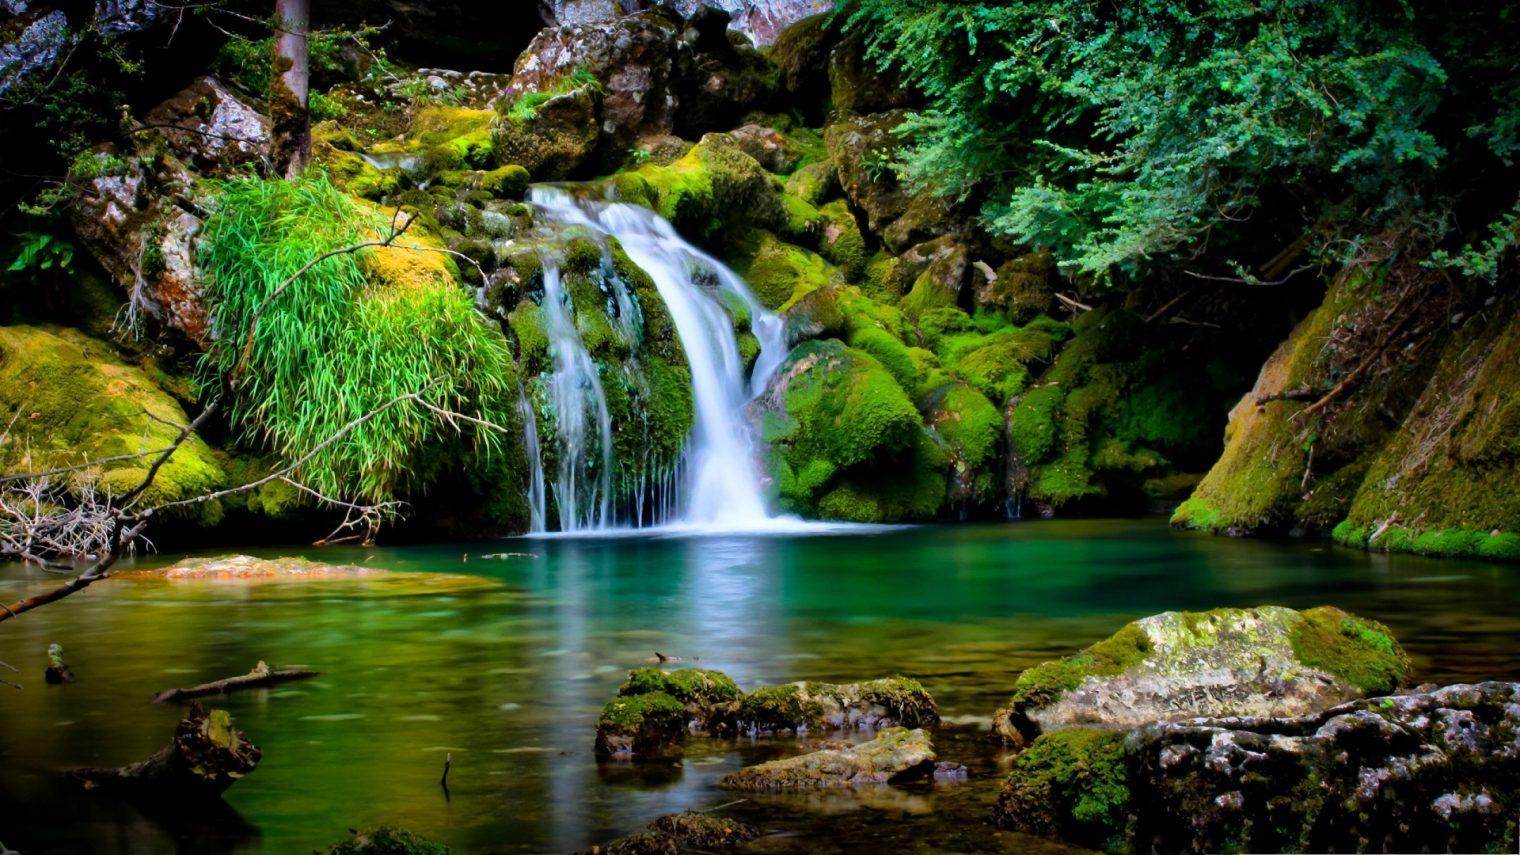 waterfall-scenery-free-hd-wallpapers-for-desktop